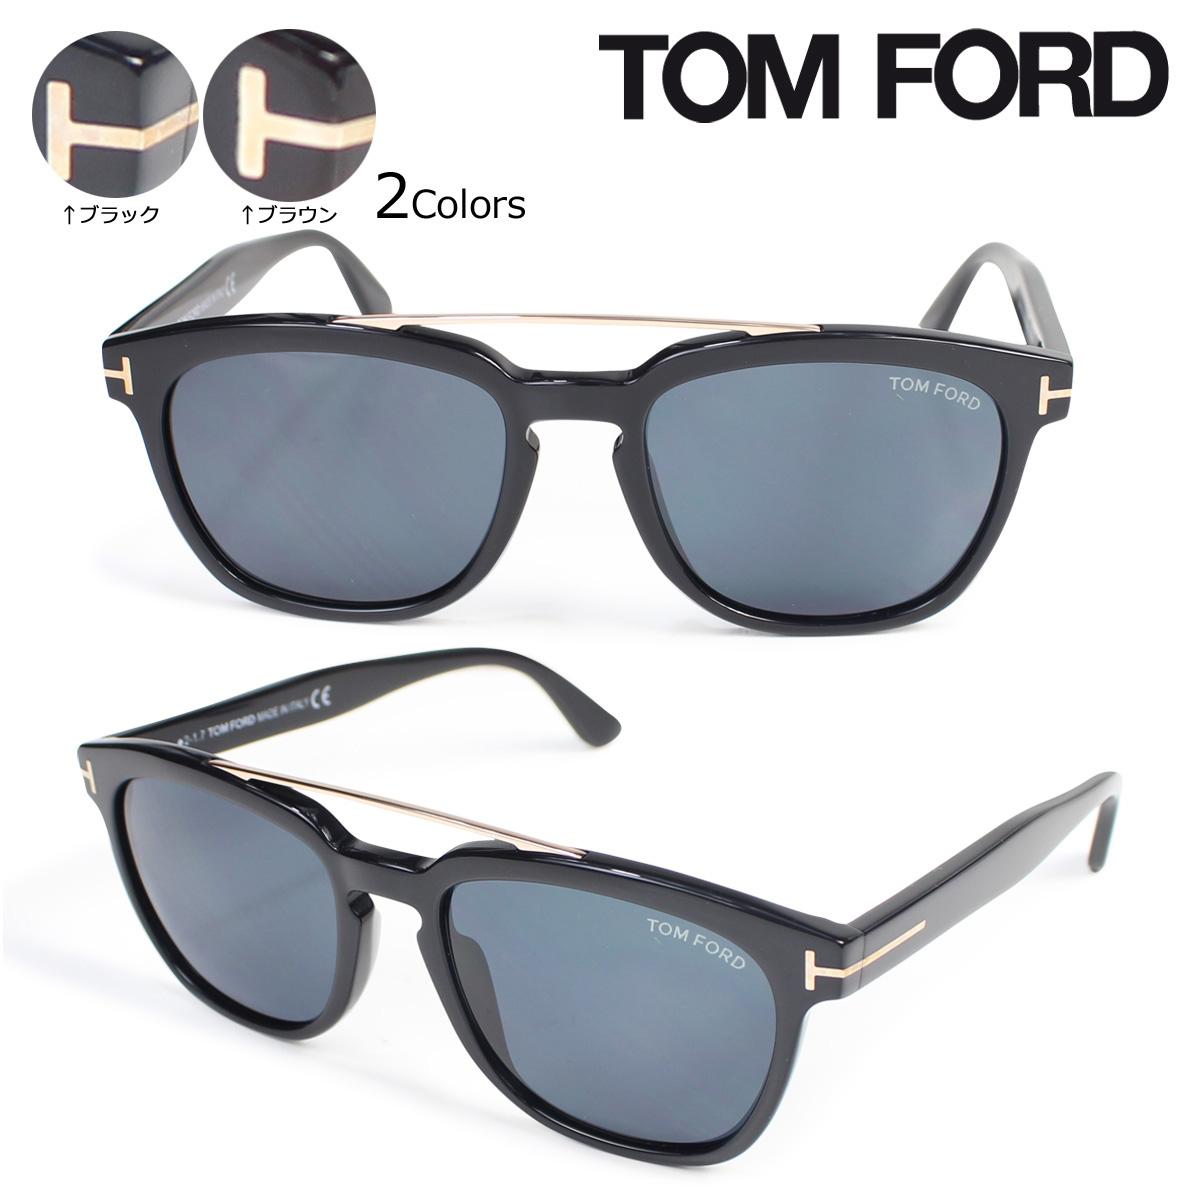 【最大2000円OFFクーポン】 トムフォード TOM FORD サングラス メガネ メンズ レディース アイウェア FT0516 HOLT SUNGLASSES 2カラー